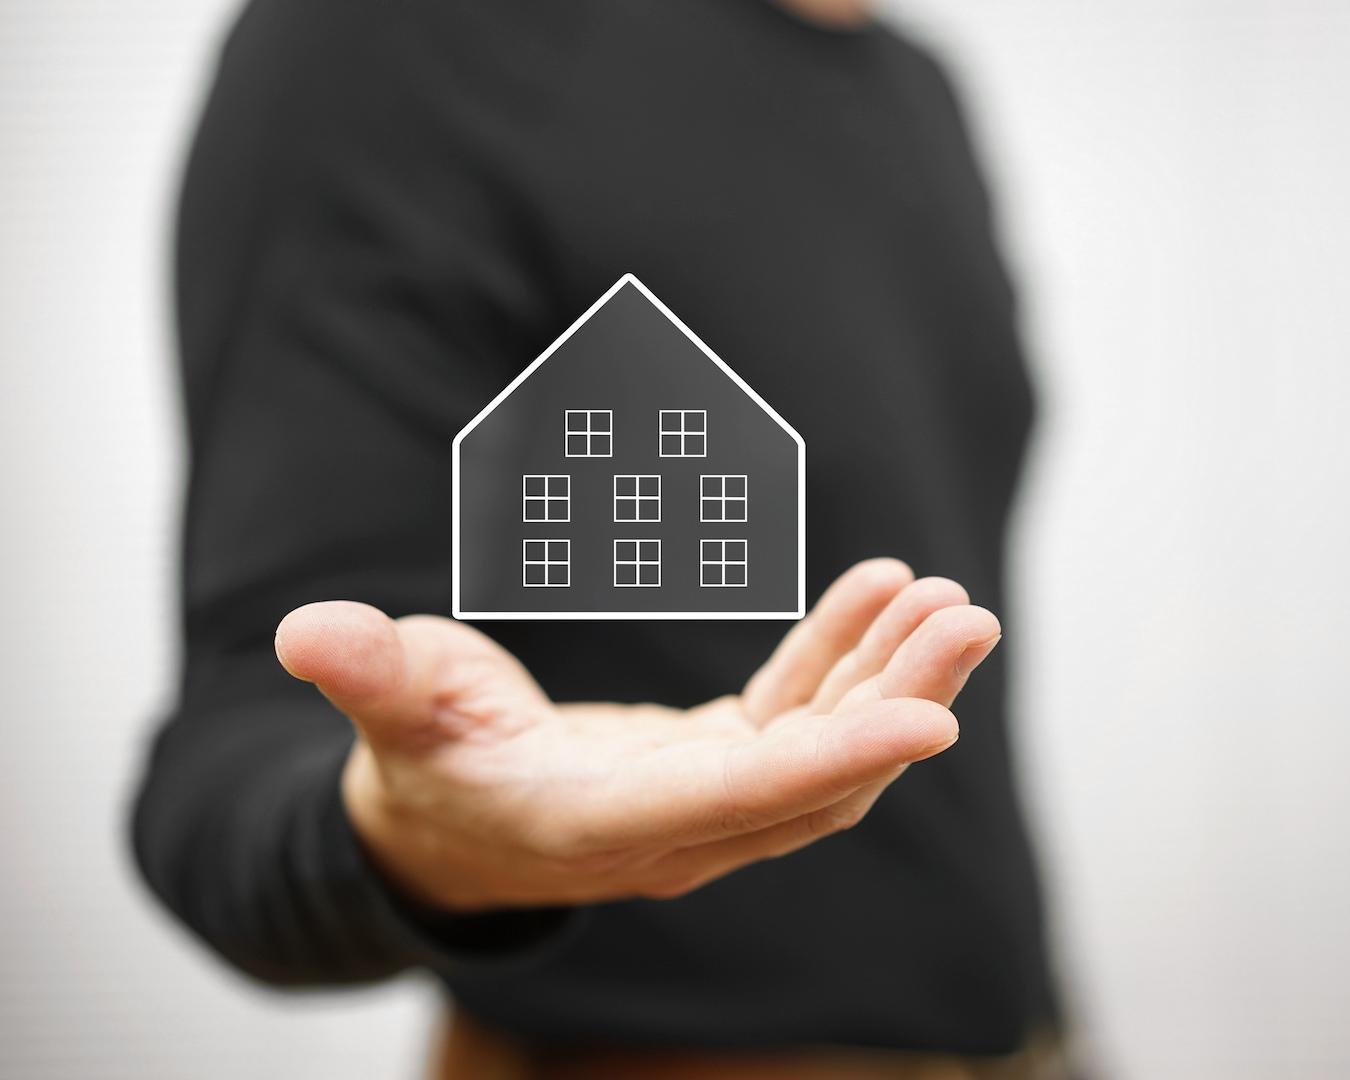 Israël immobilier: selon les experts du gouvernement, le prix des logements de 4 pièces ont augmenté de 8% en 2015